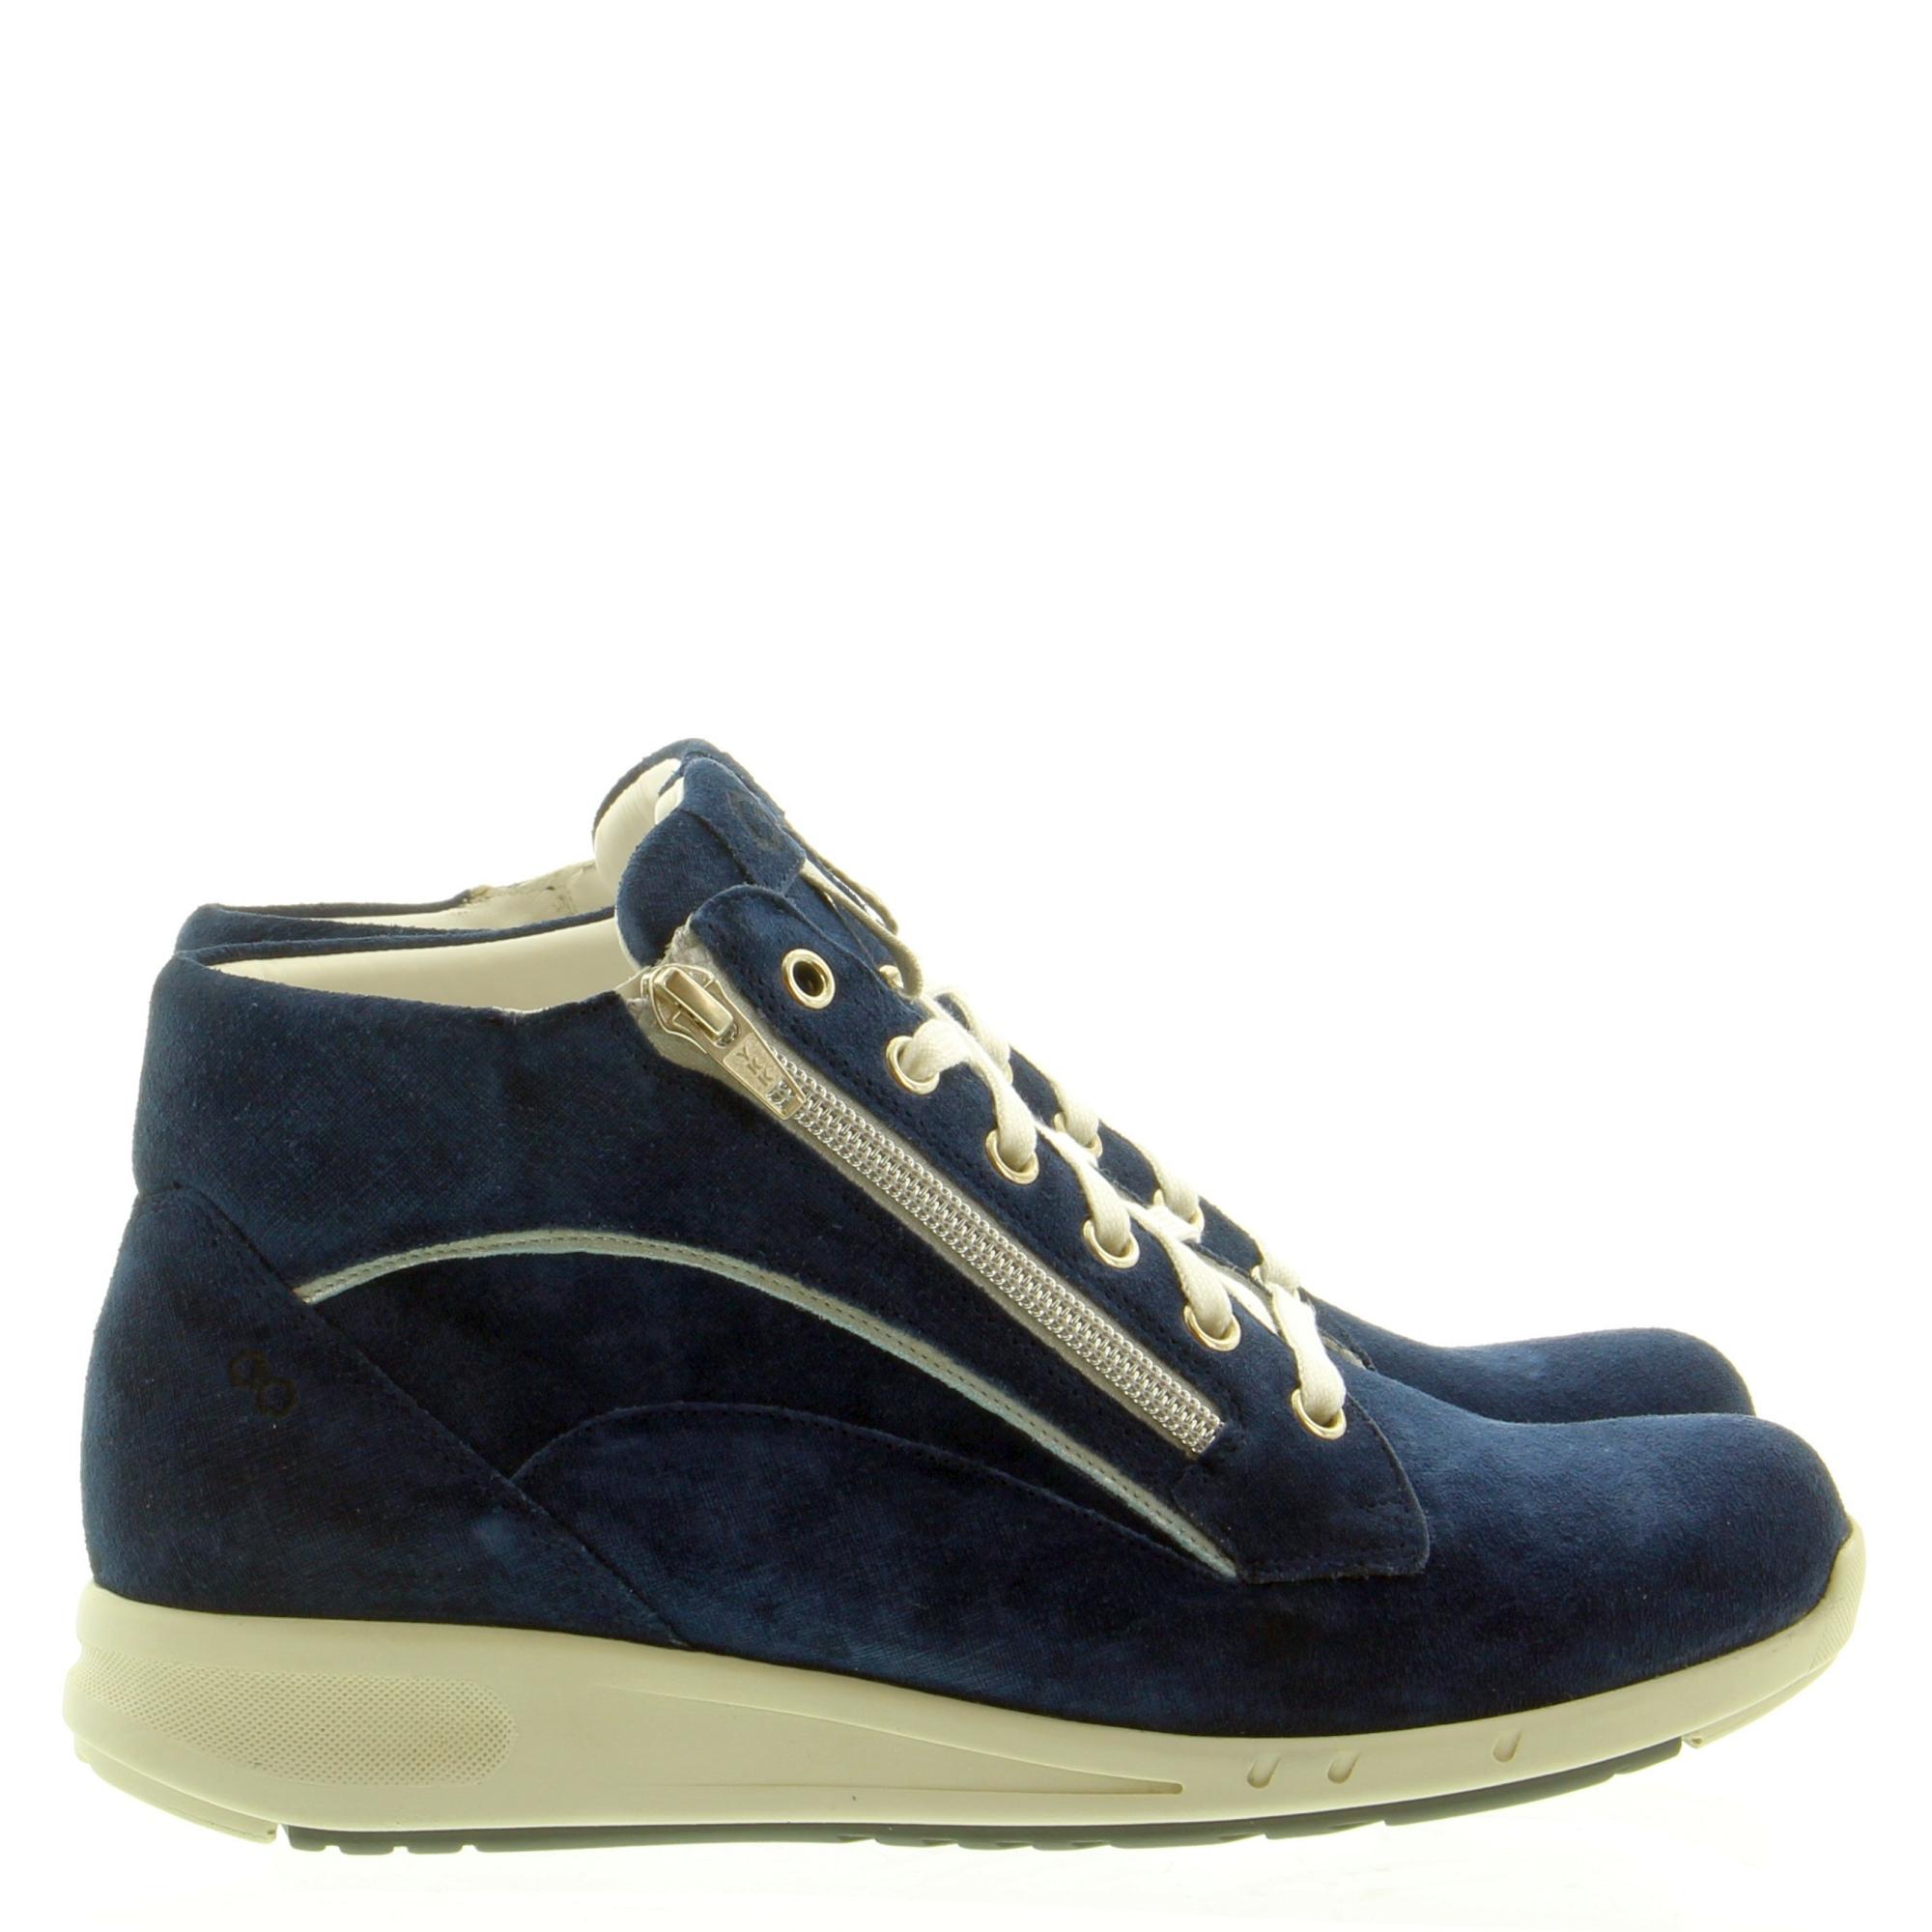 Durea 9683 685 H 8219 D.blauw Fillo Zilver Matinee